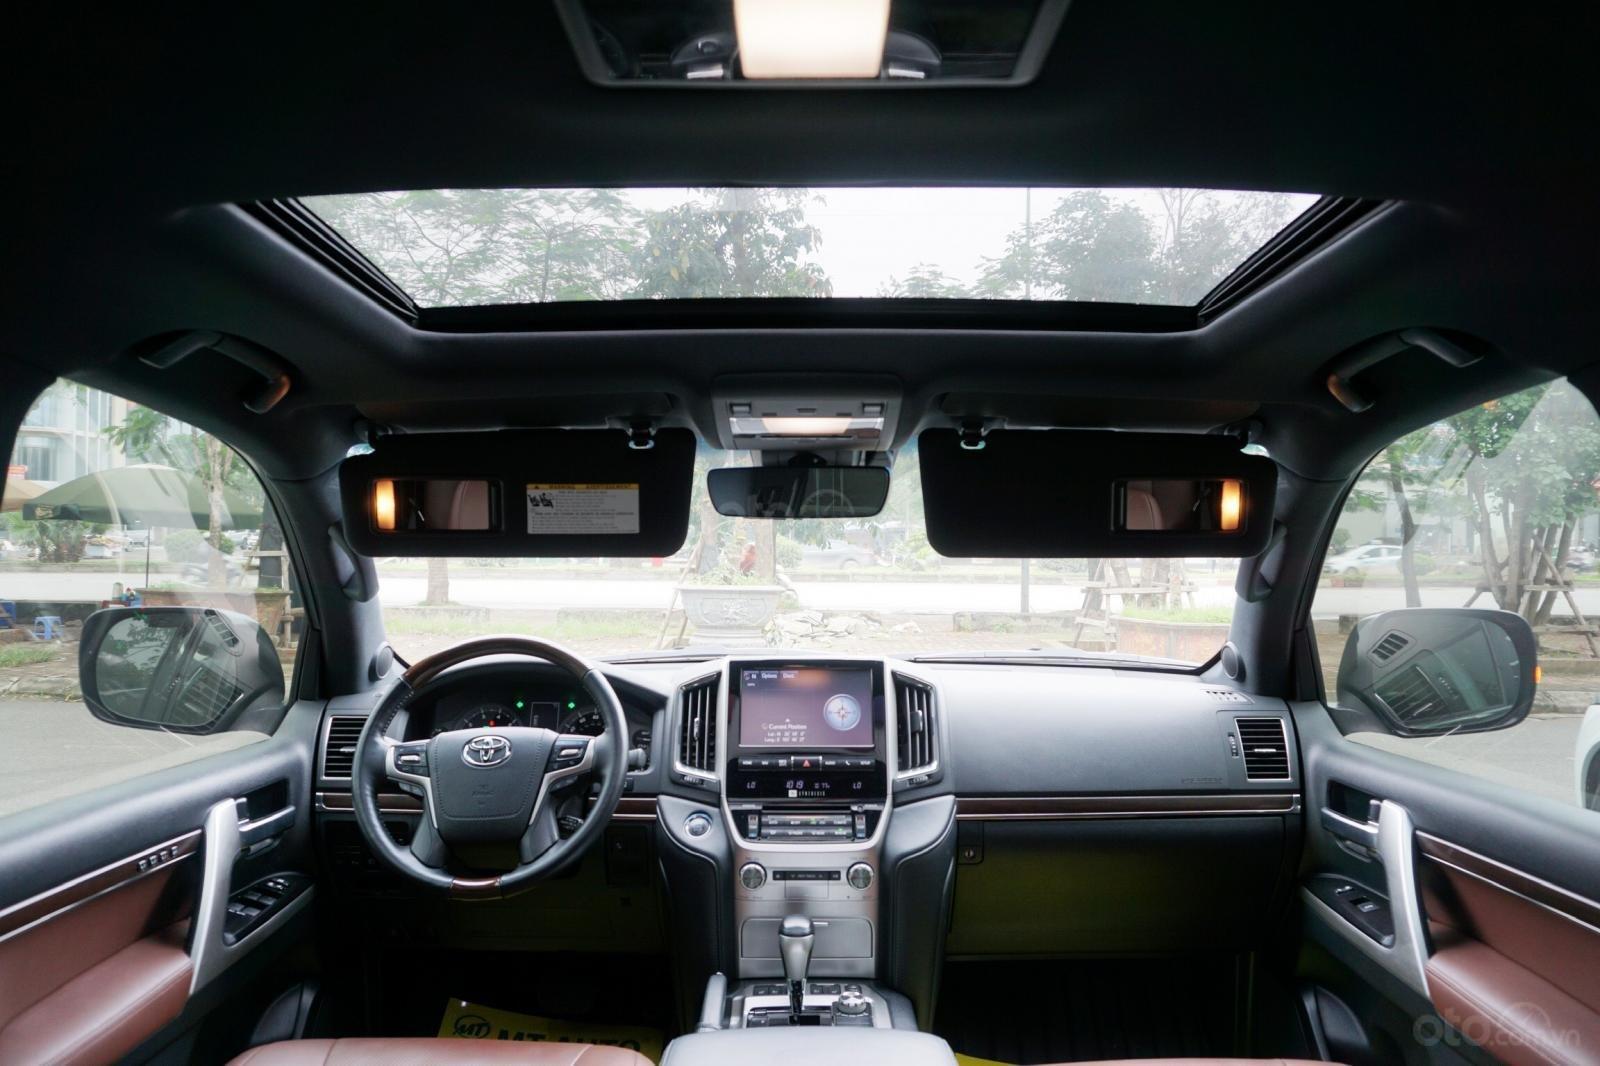 Bán Toyota Land Cruiser 5.7 2015, màu đen, xe nhập Mỹ, LH Ms Hương 094.539.2468 (15)